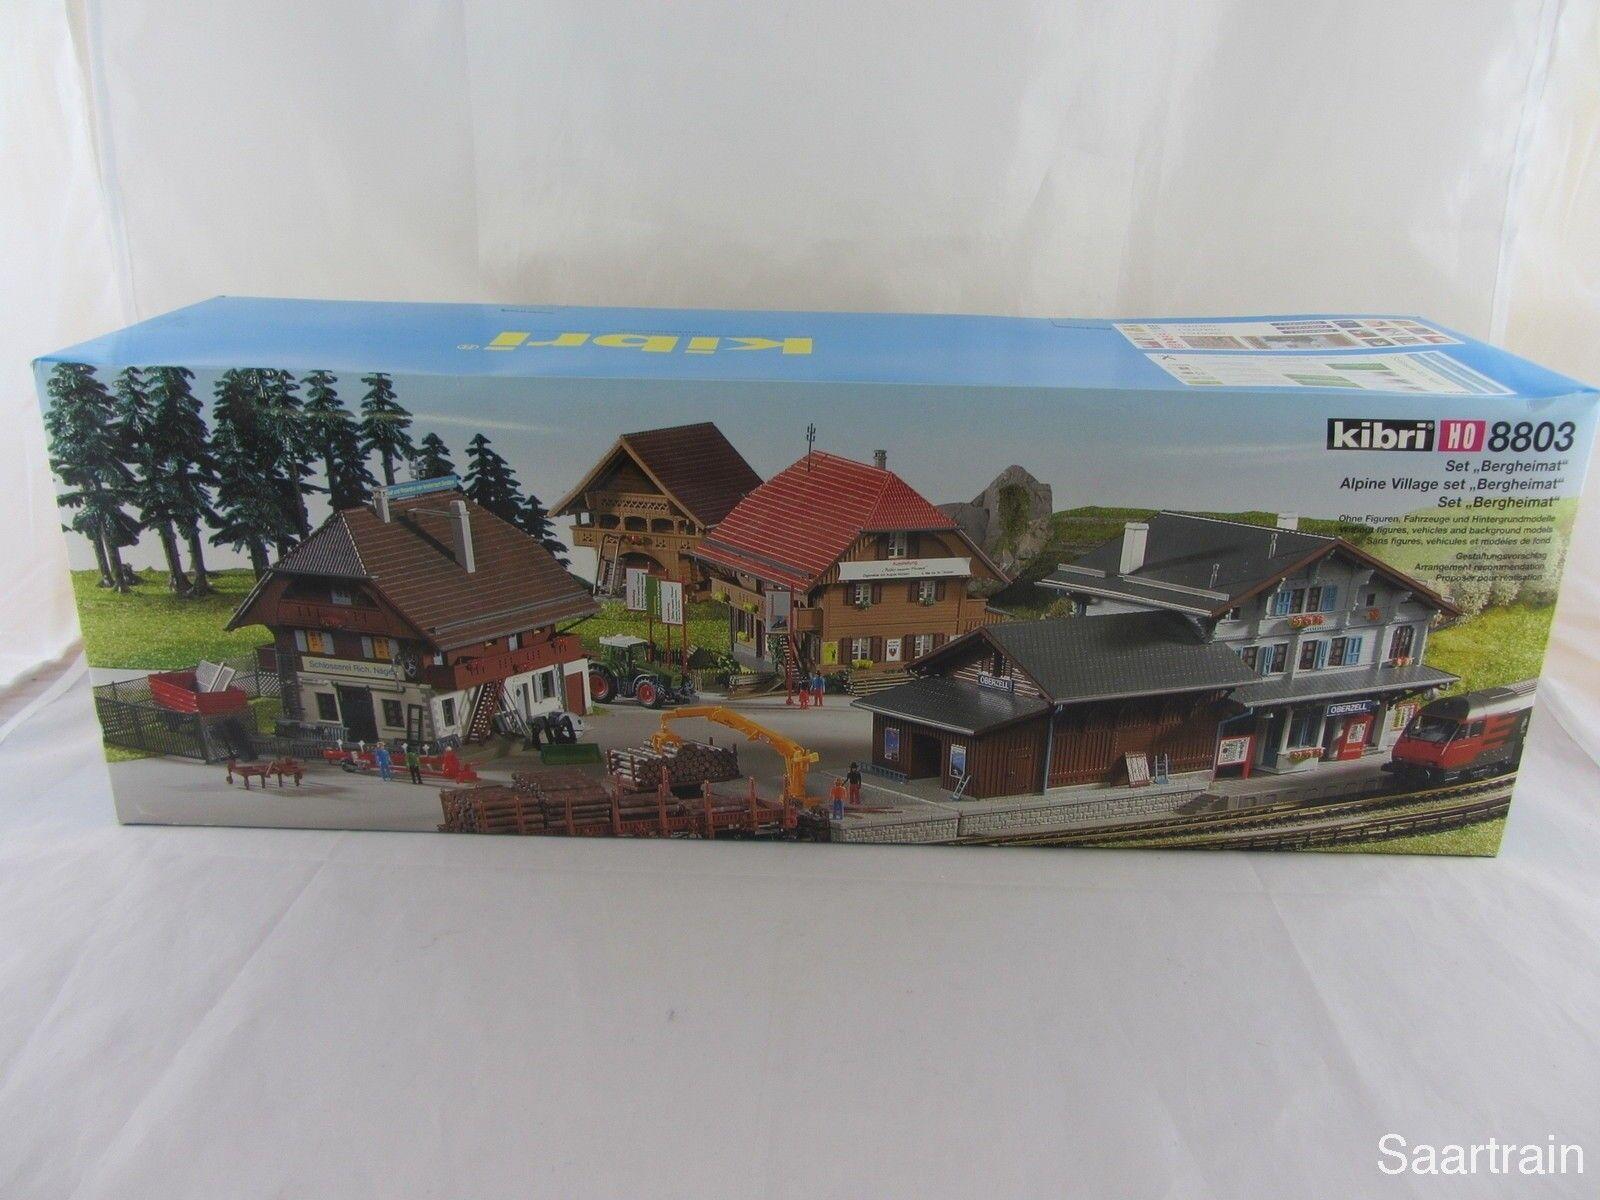 Kibri 8803 kit set Montaña natal con la estación 1 87 nuevo y con embalaje